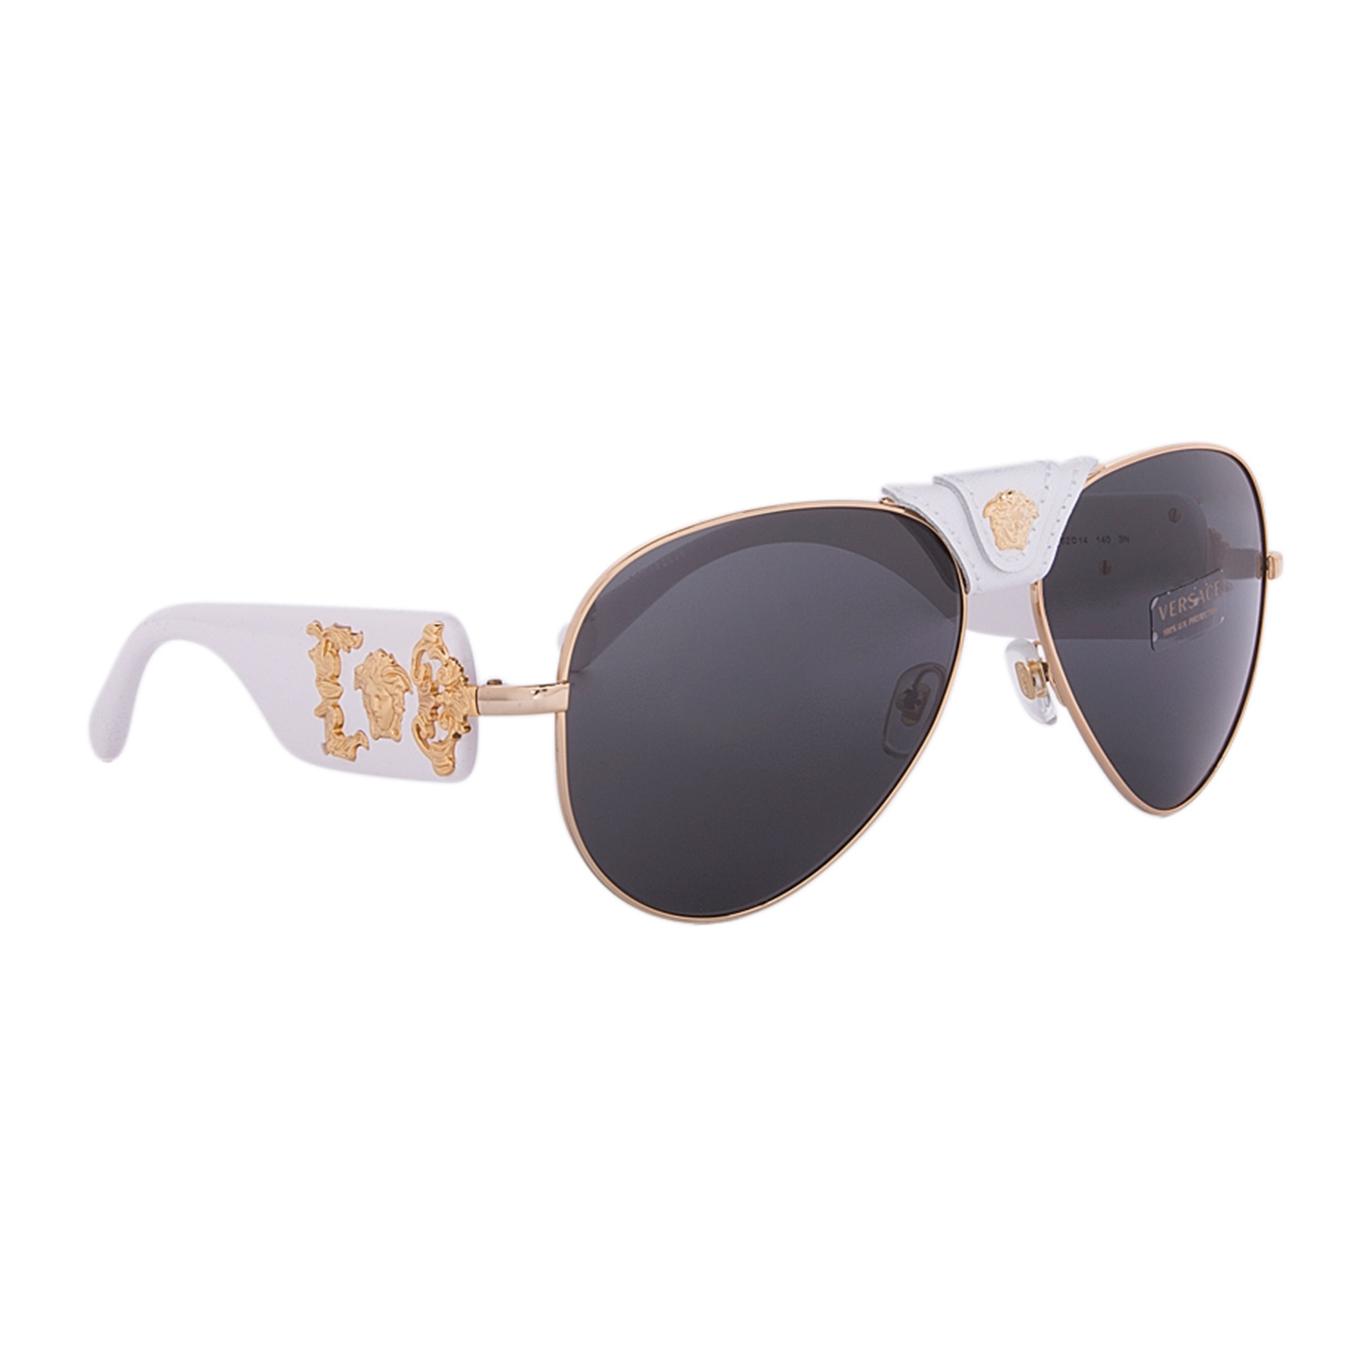 d83d2965655a Versace Gold Frame Sunglasses